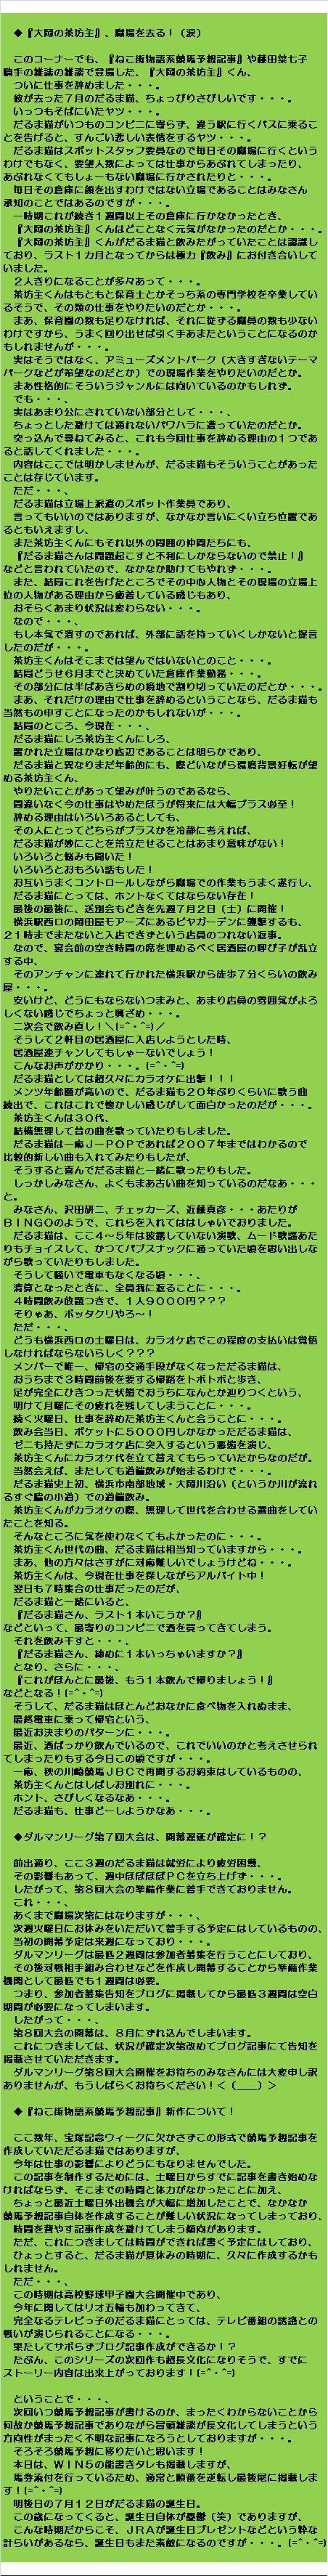 20160710・日曜競馬予想①-B.jpg